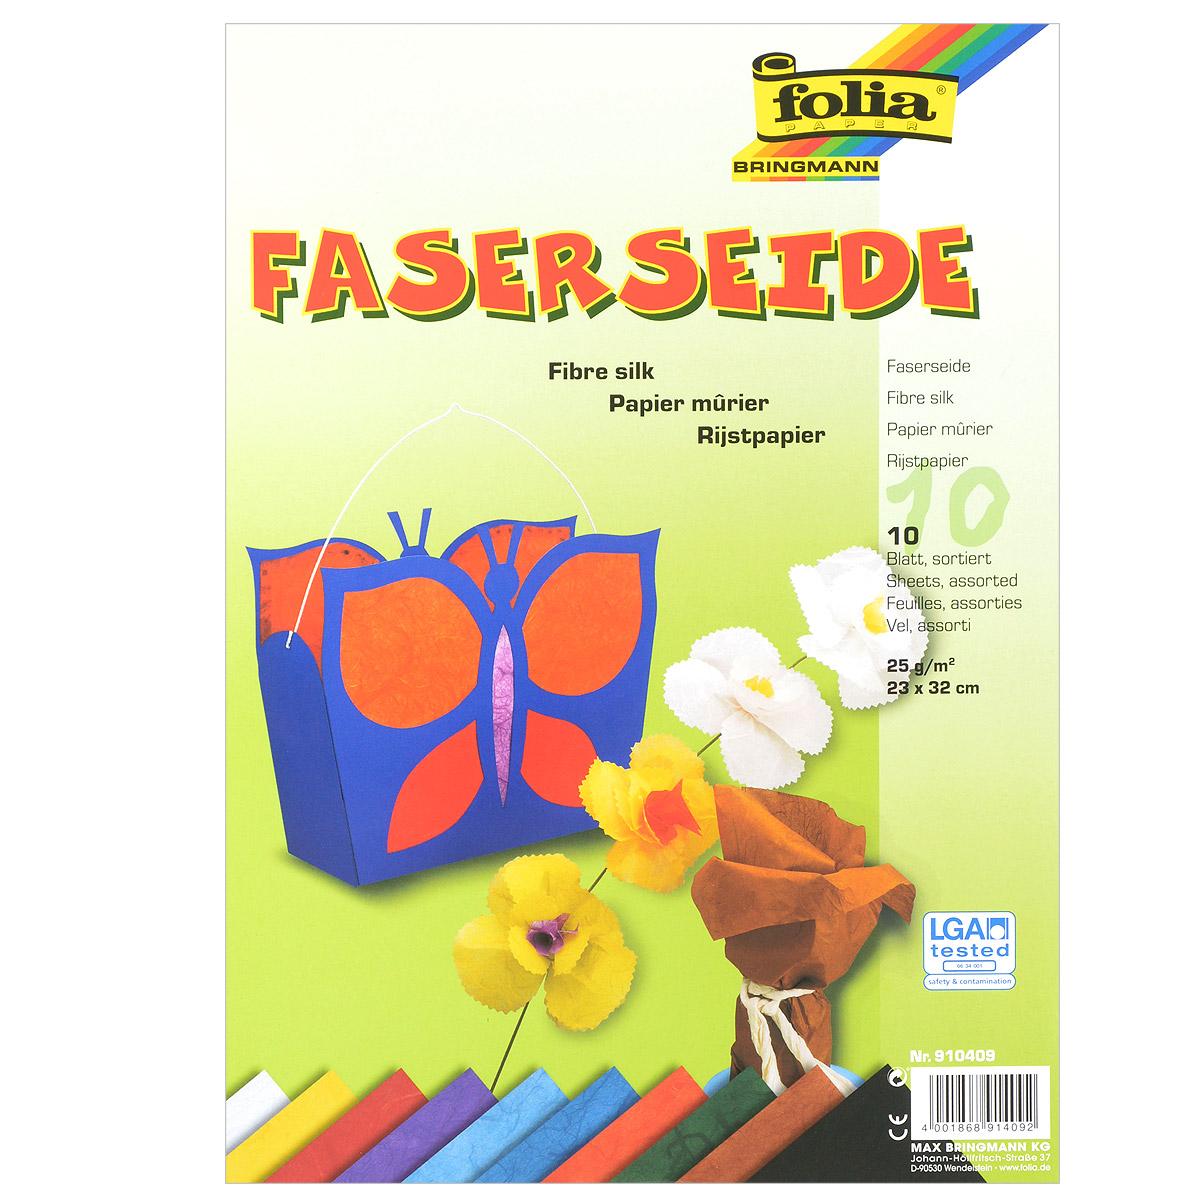 Бумага шелковая Folia, 23 см х 32 см, 10 листов бумага папиросная folia 50 см х 70 см 10 листов 7708130